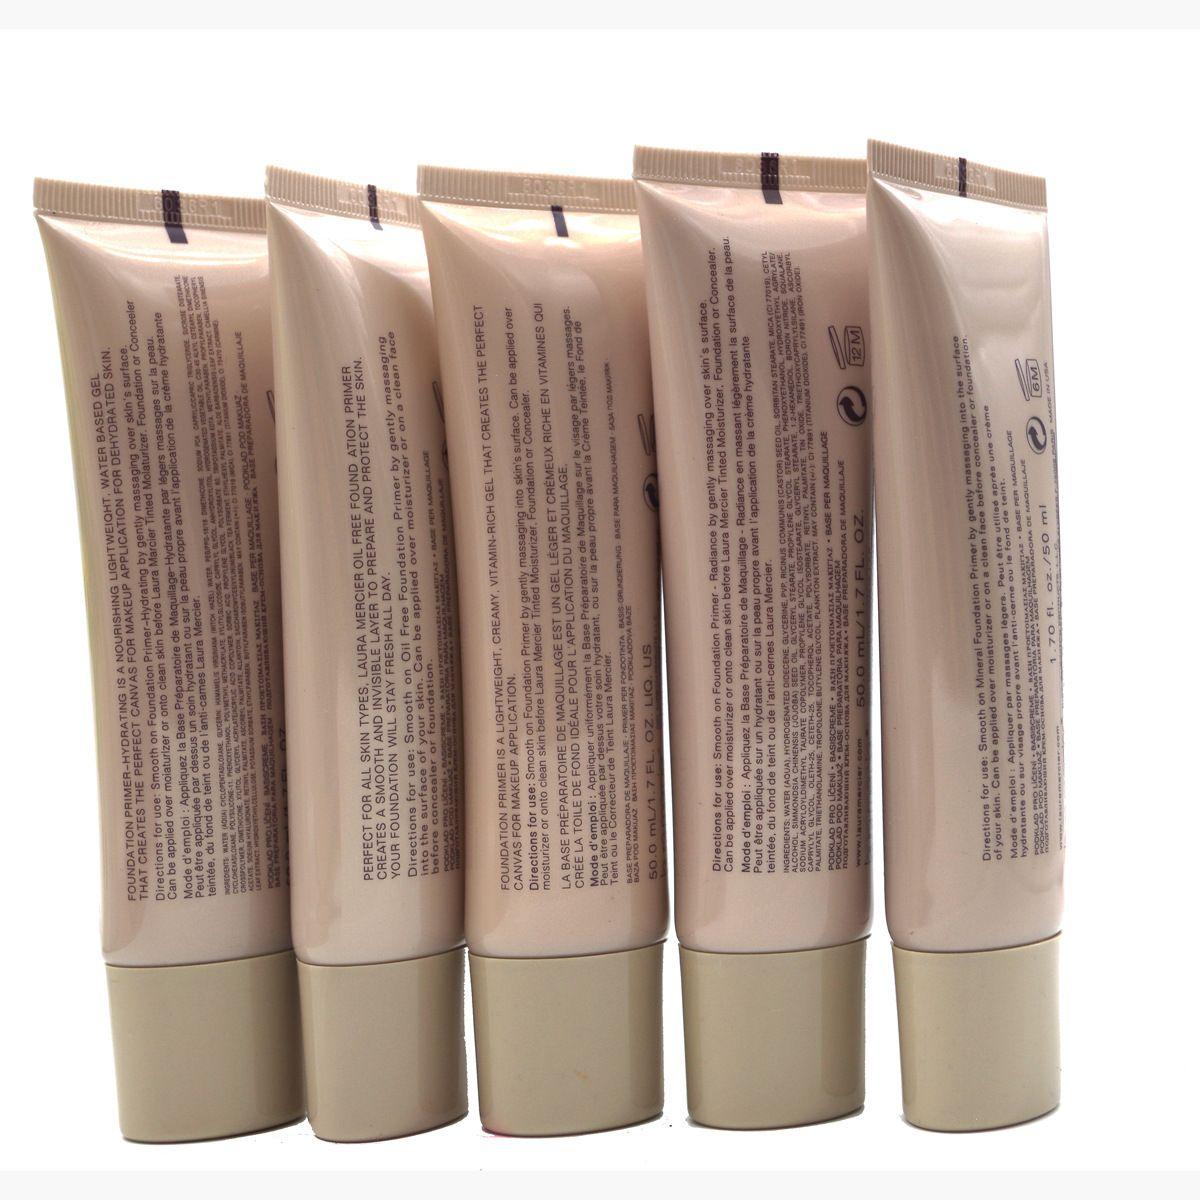 2018 Laura Mercier Foundation Primer / увлажняющая/ минеральная / Безмасляная основа 50 мл 4styles высокое качество макияжа для лица 6 стилей SPF 30 Base 50 мл Face